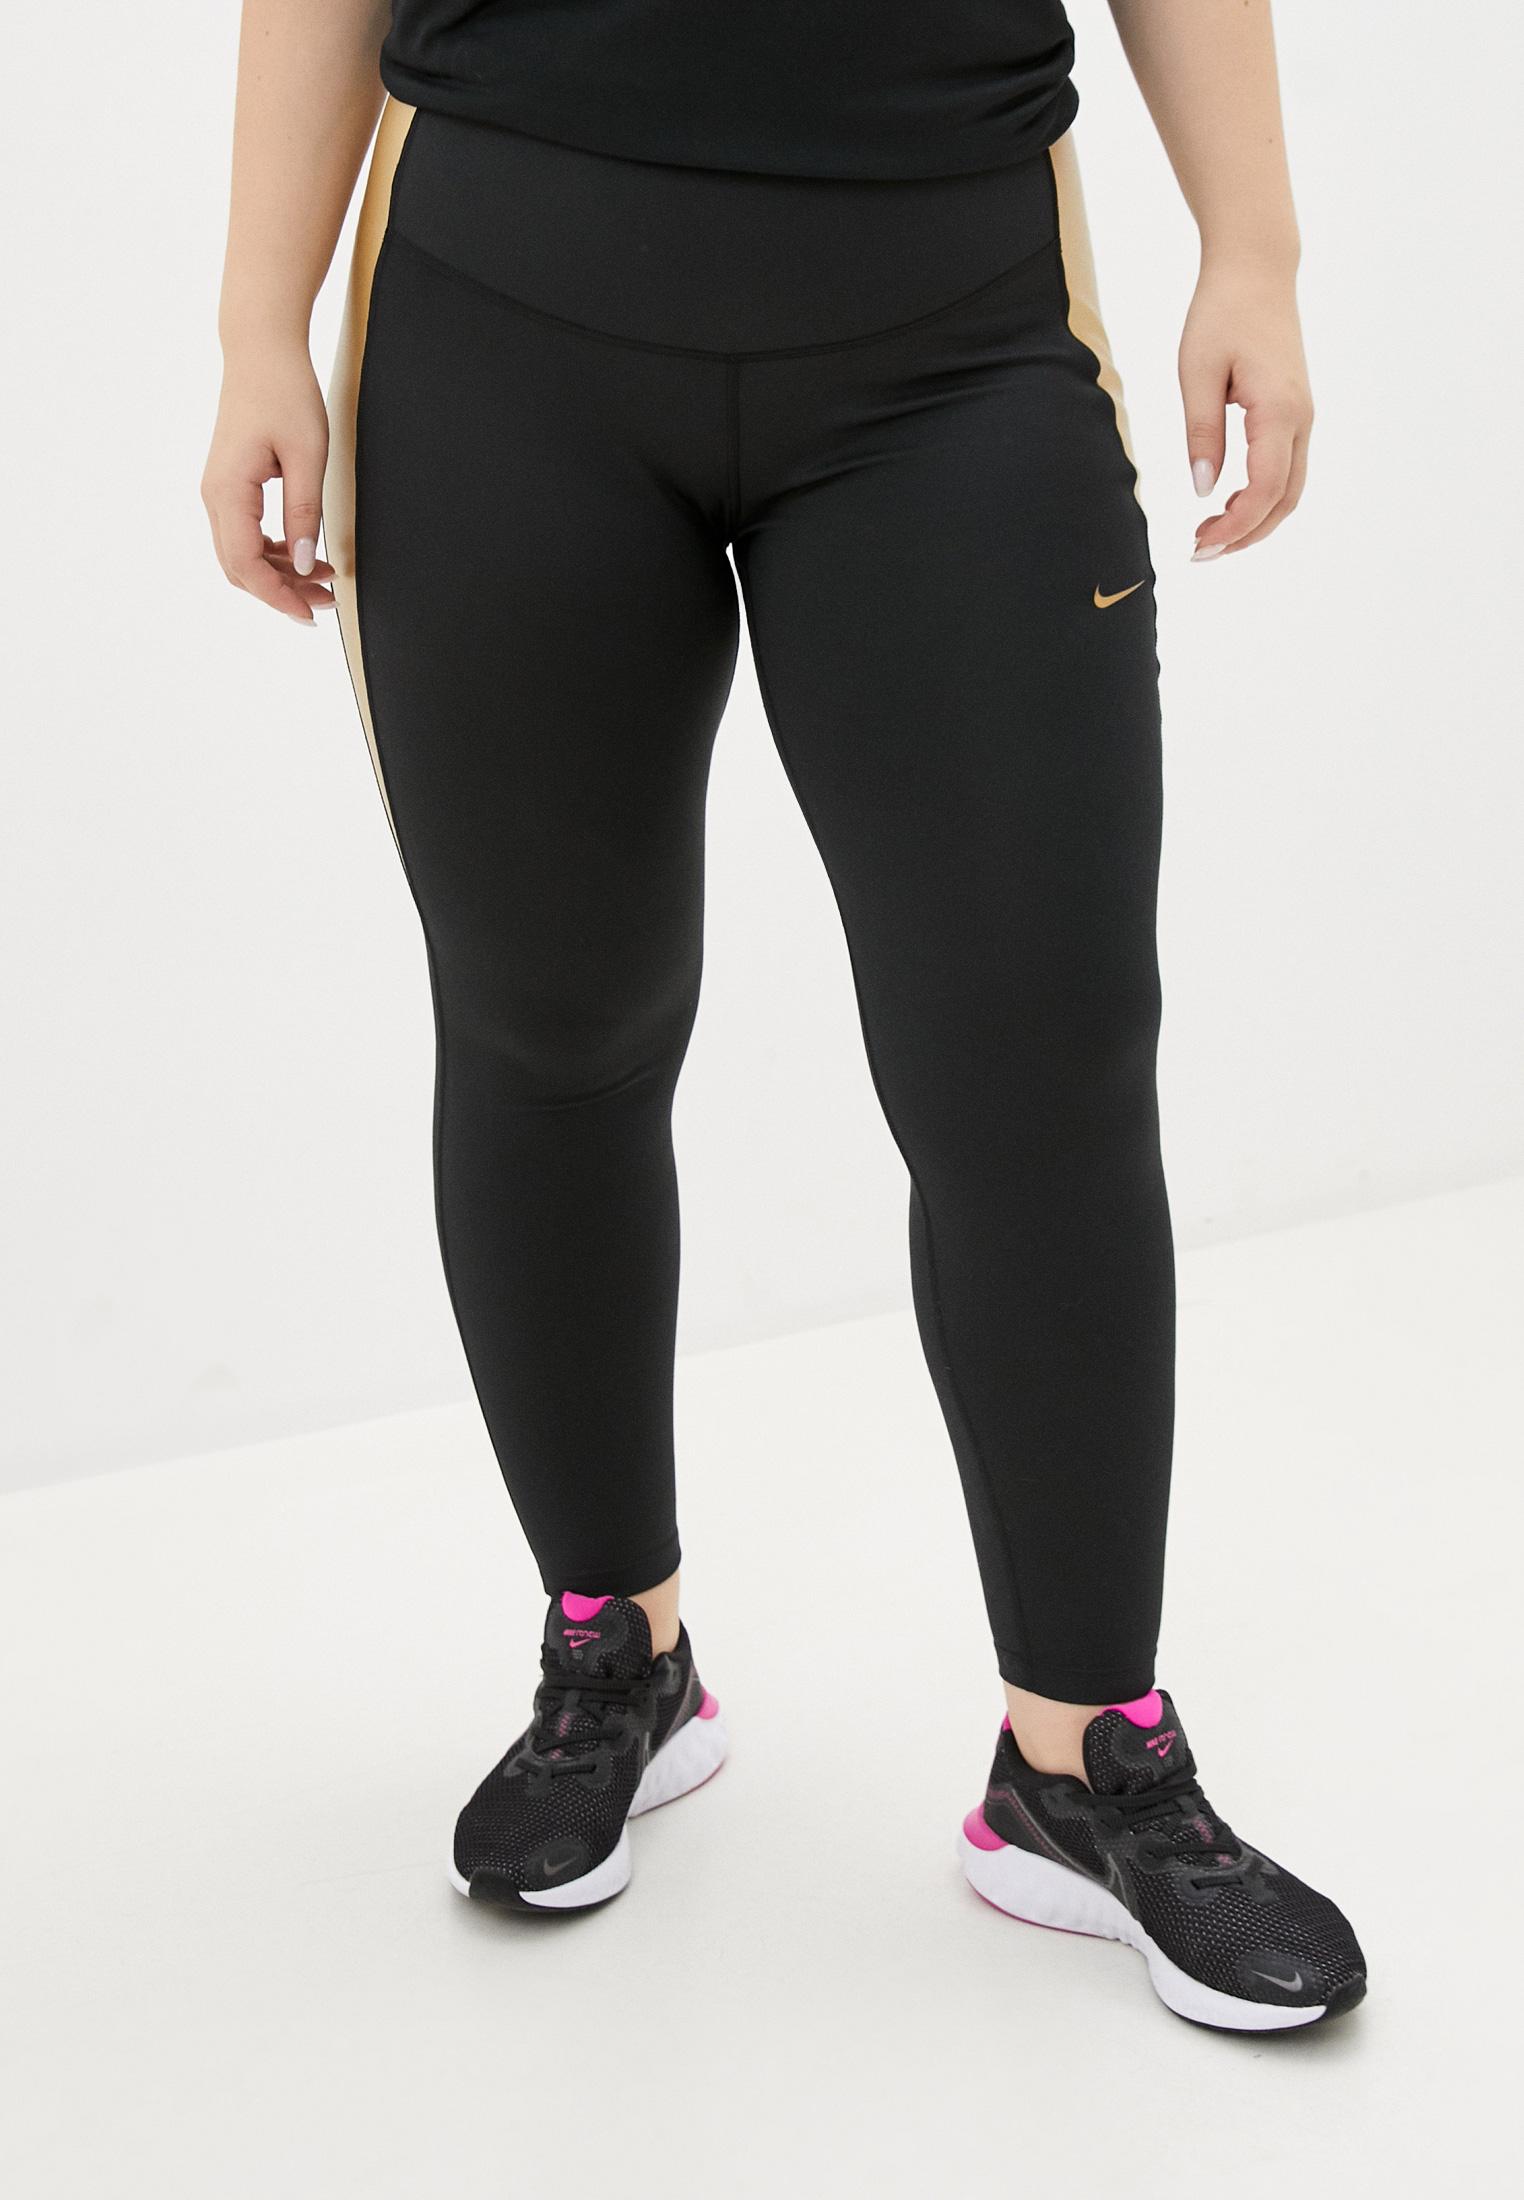 Тайтсы Nike W NIKE ONE TGHT PP5 COLOR PLUS за 3 999 ₽. в интернет-магазине Lamoda.ru